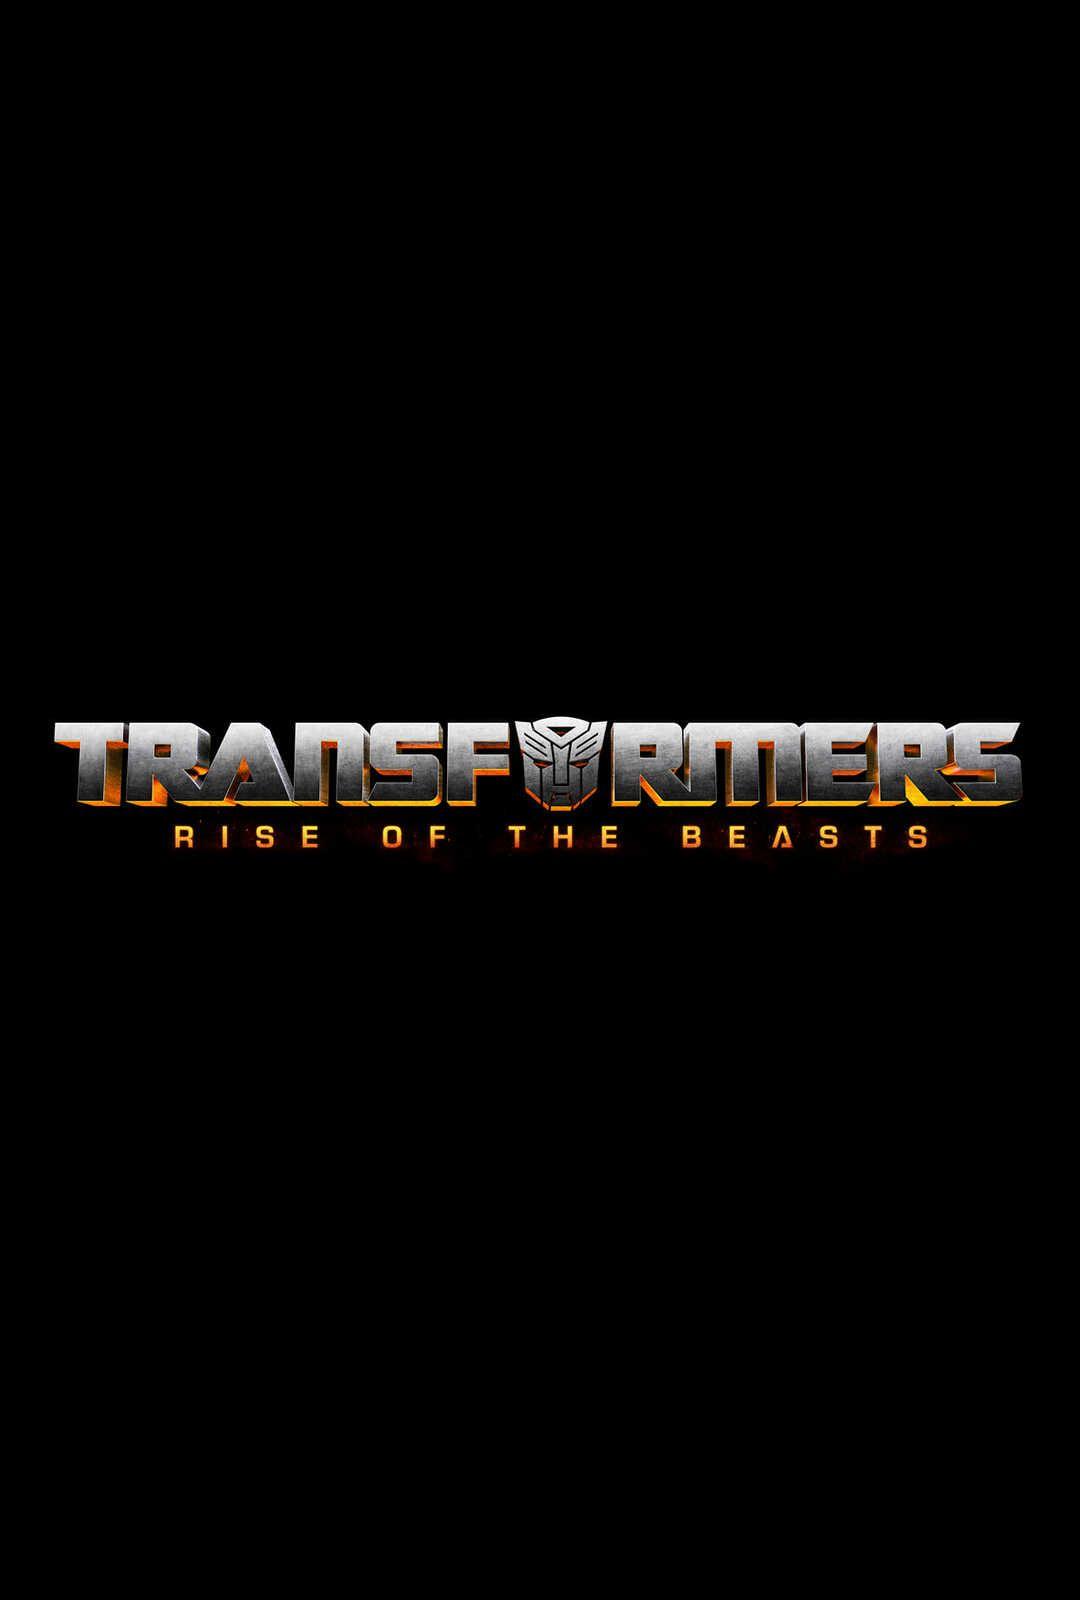 TRANSFORMERS : RISE OF THE BEASTS - au Cinéma le 22 Juin 2022 en France.